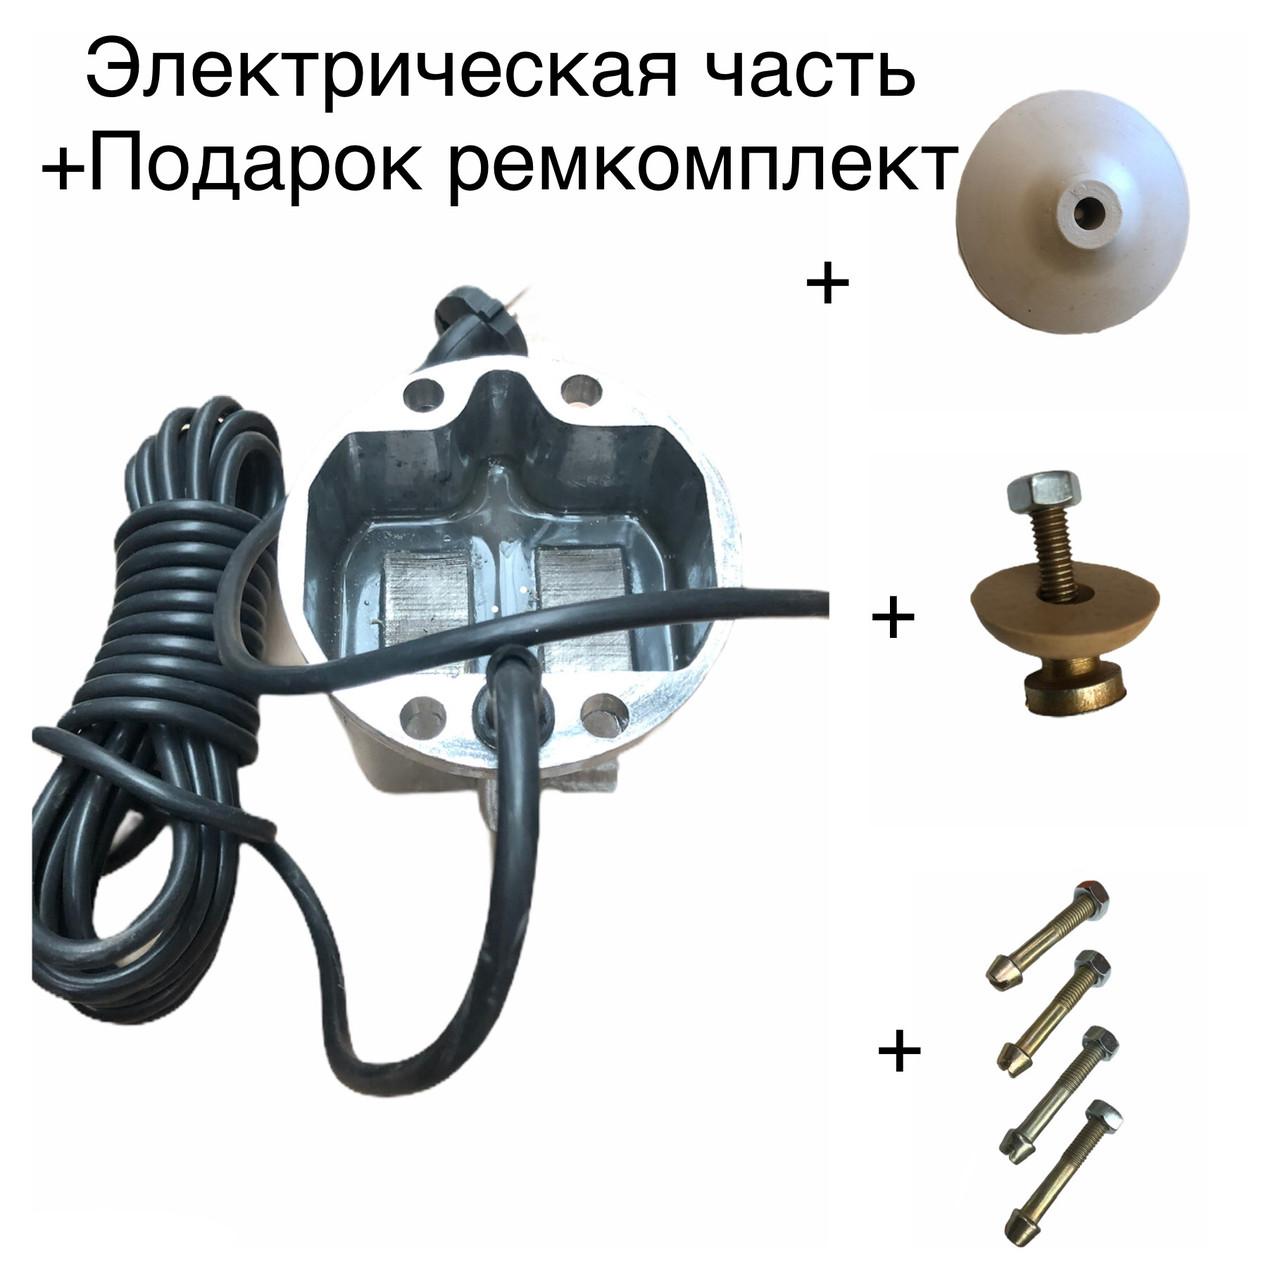 Електрична частина для вібраційного насоса Дачник